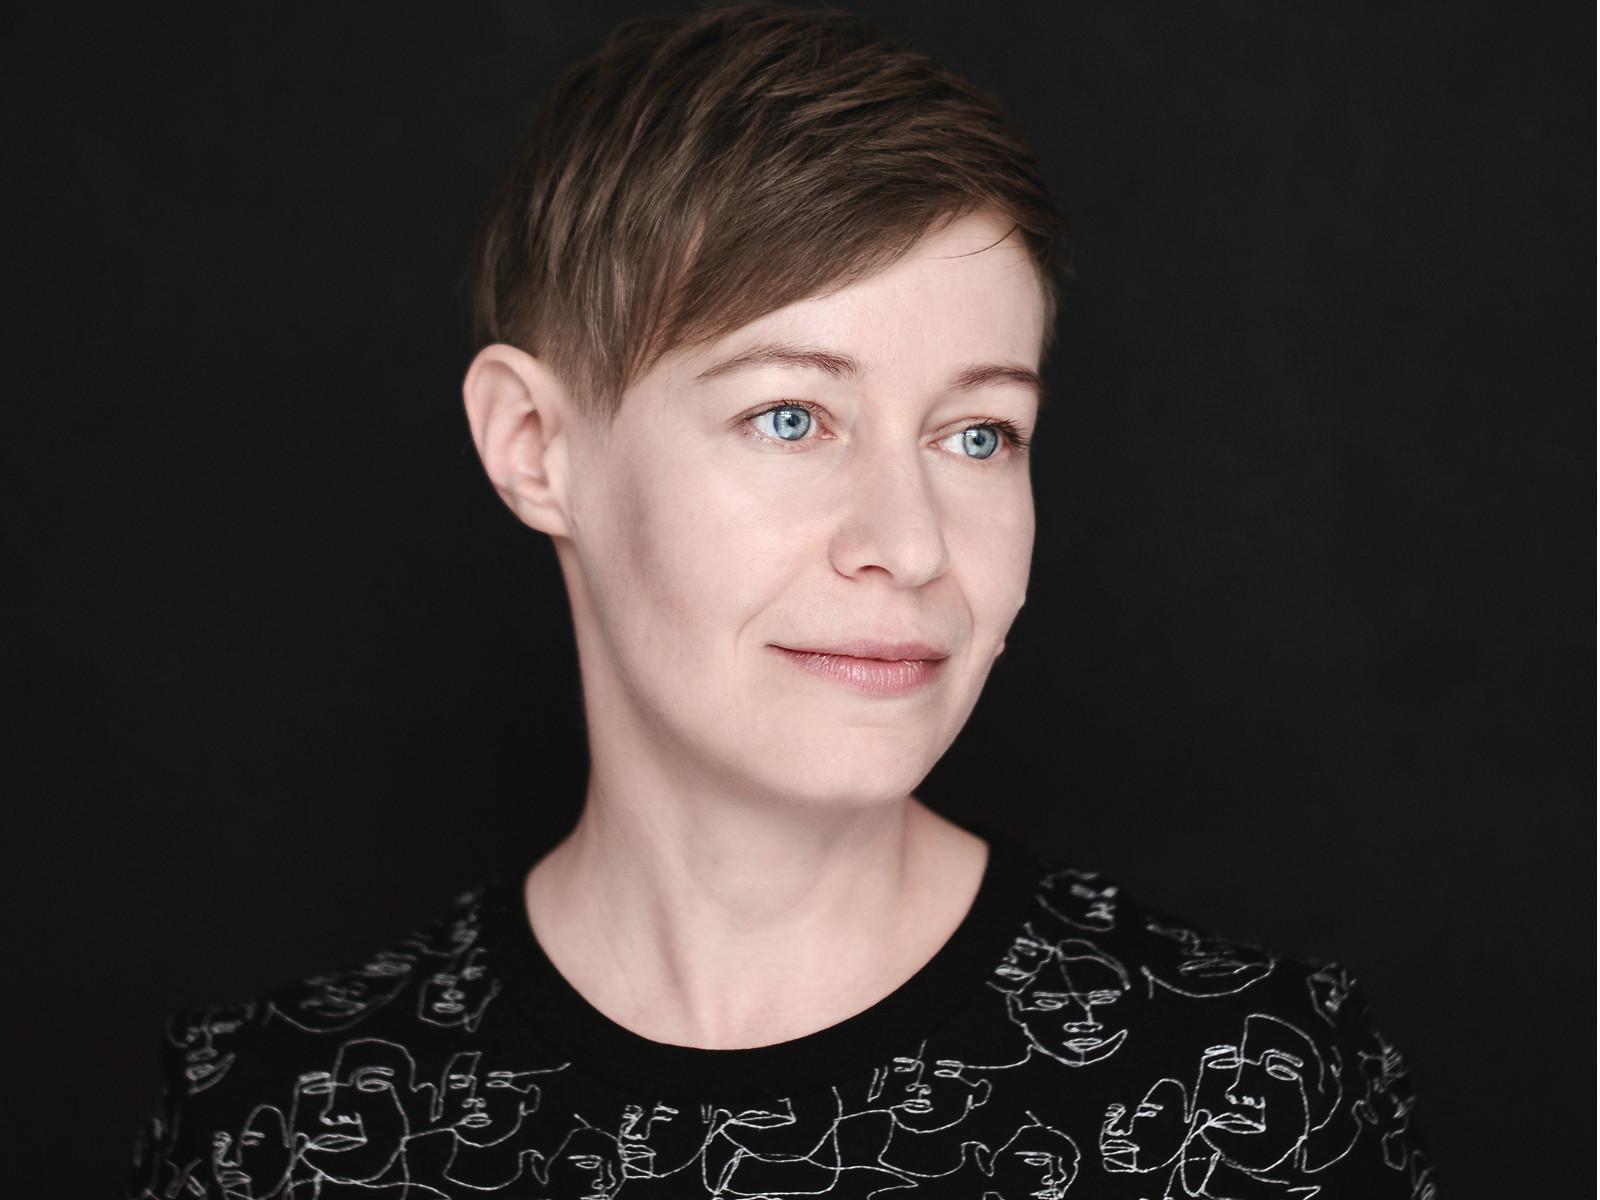 Tet ist eine Frau mit Kurzhaarschnitt, hellblauen Augen und blassen Teint. Sie ist vor einem schwarzem Hintergrund abgebildet.